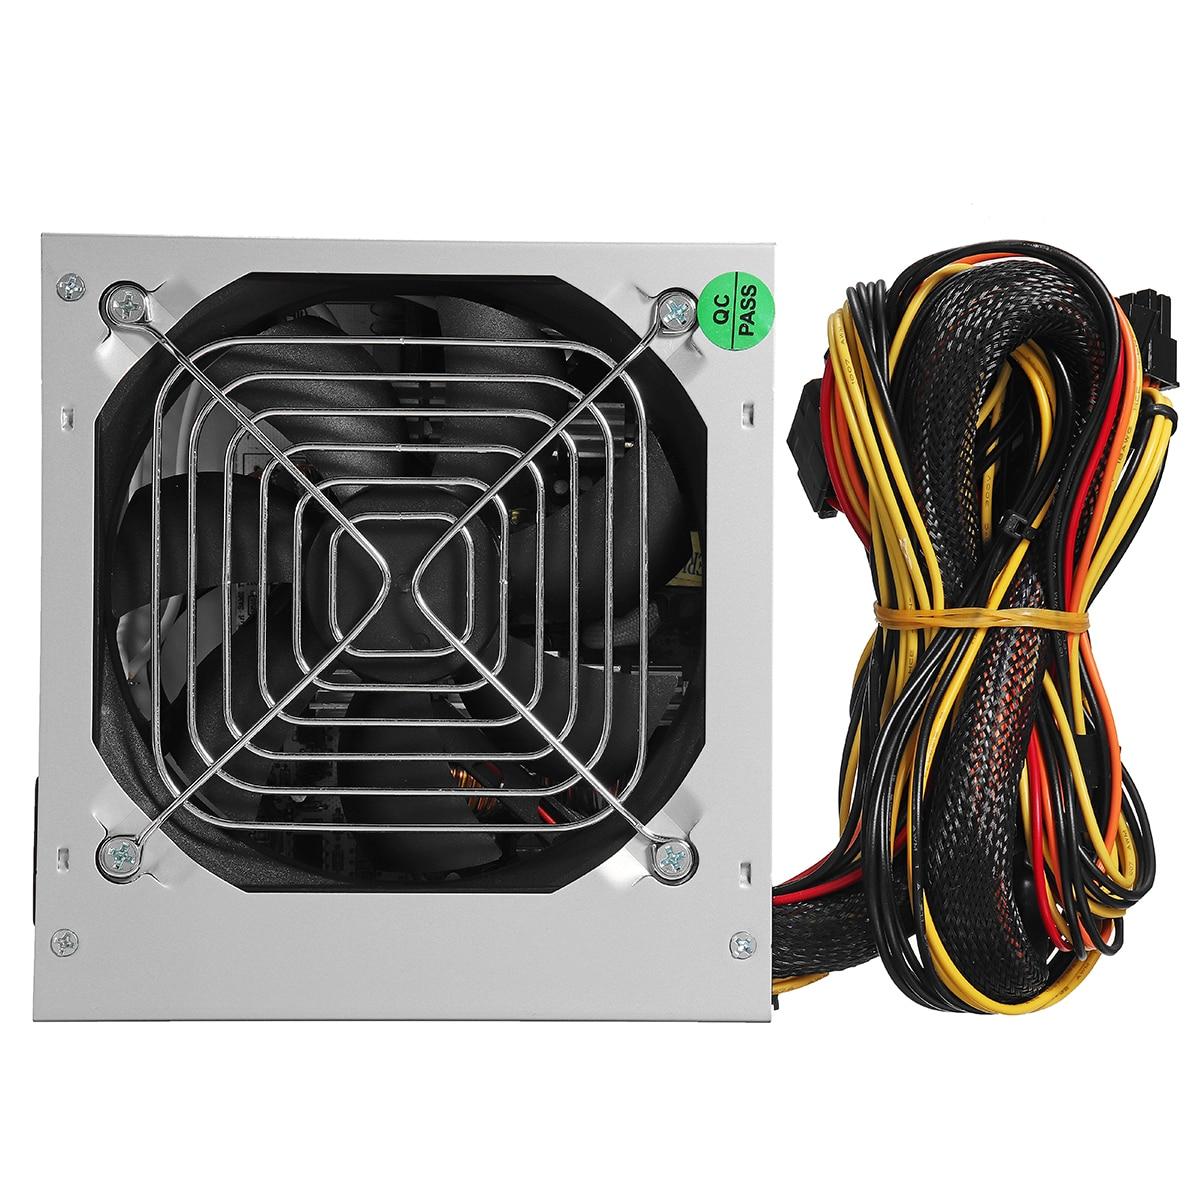 Max 1000W ATX alimentation ventilateur silencieux pour Intel AMD PC PC ordinateur mineur - 5